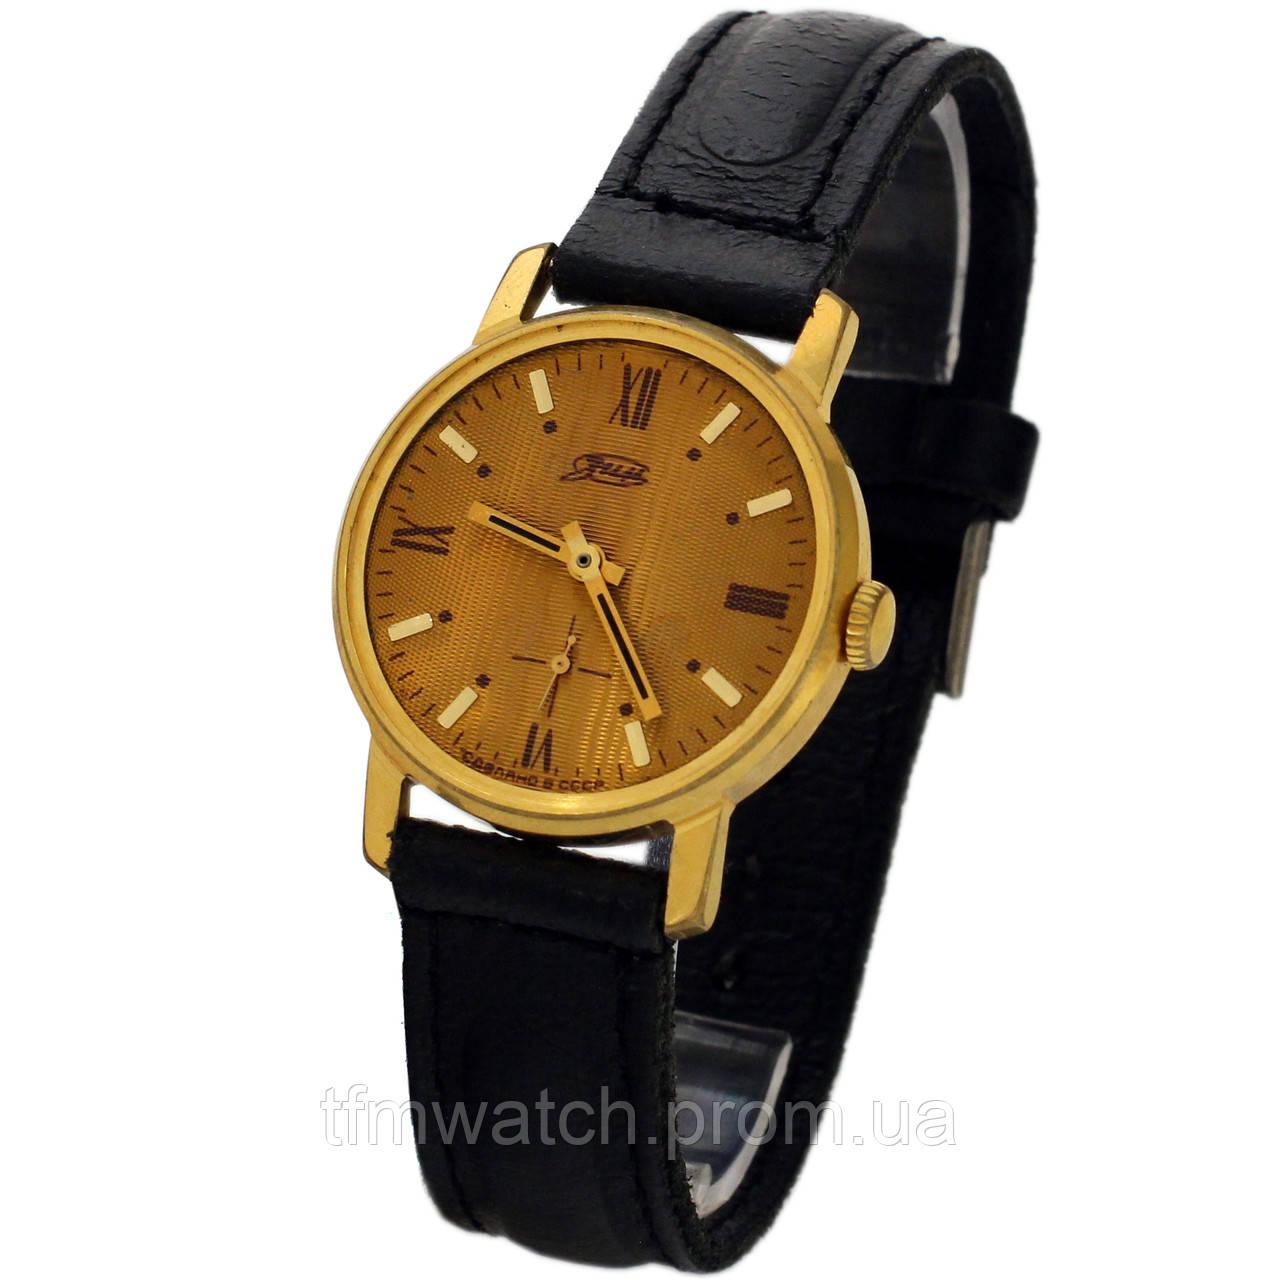 Позолоченные продать часы часы картье продать как